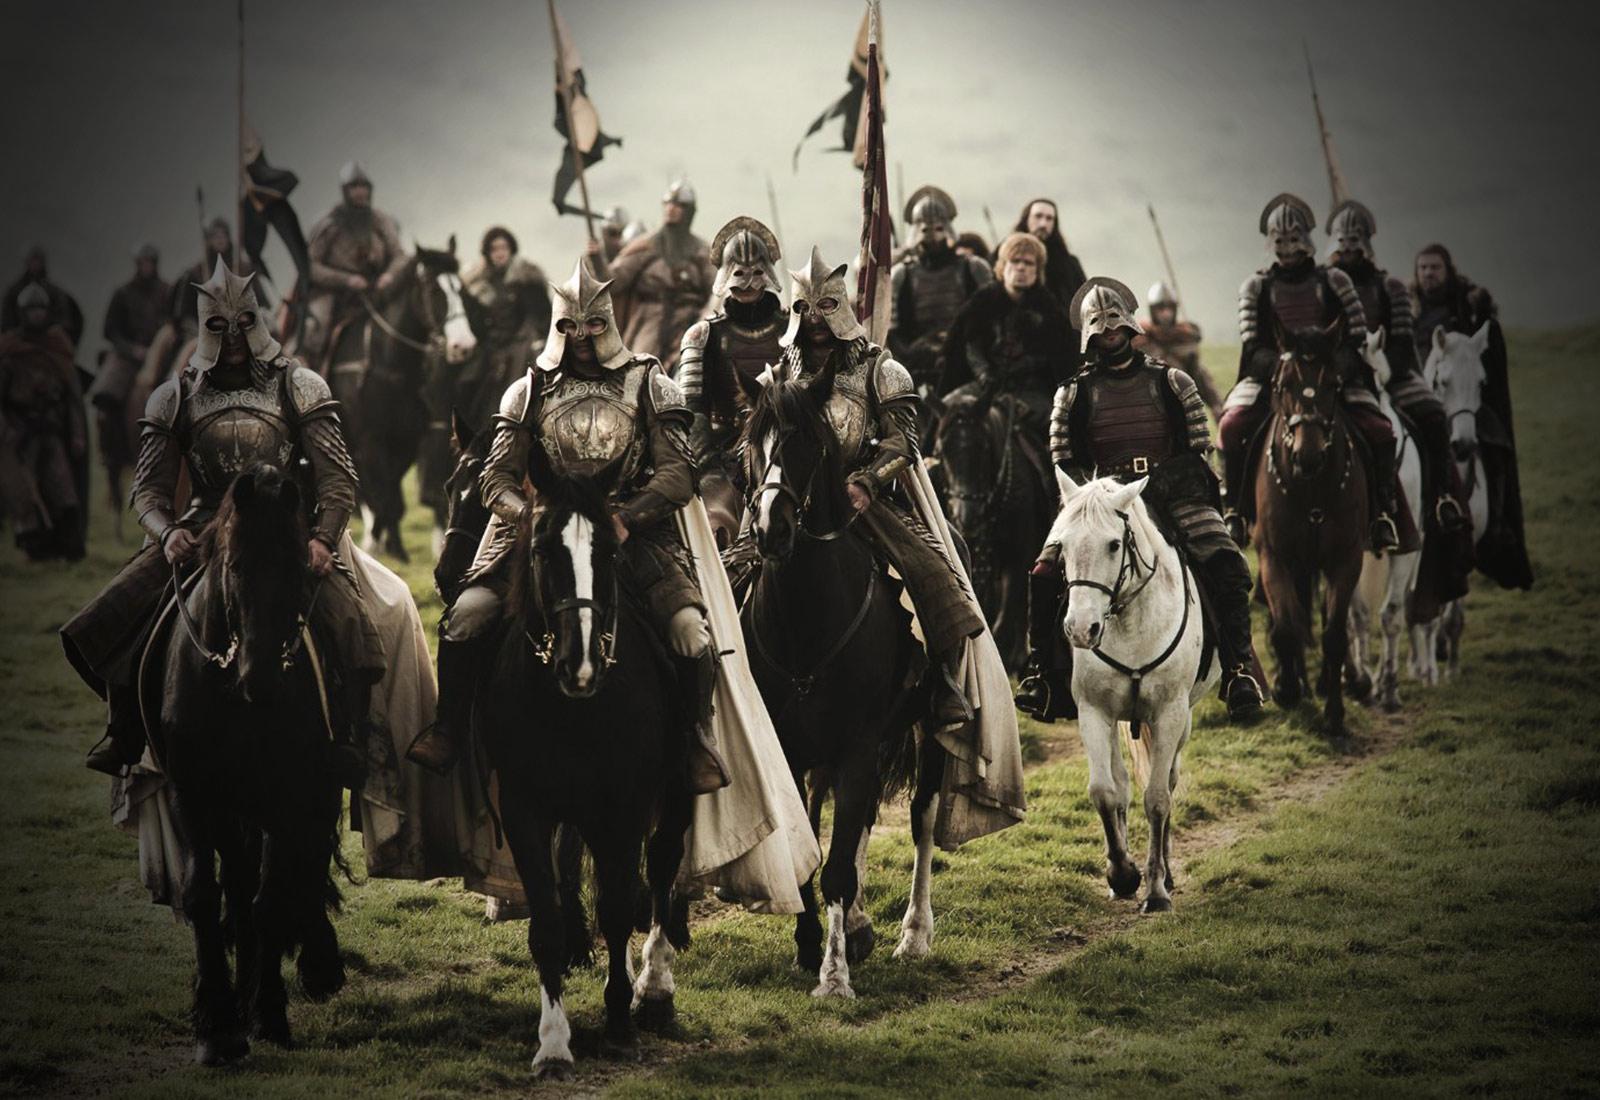 Amazon.de: Game of Thrones - Staffel 2 [dt./OV] ansehen